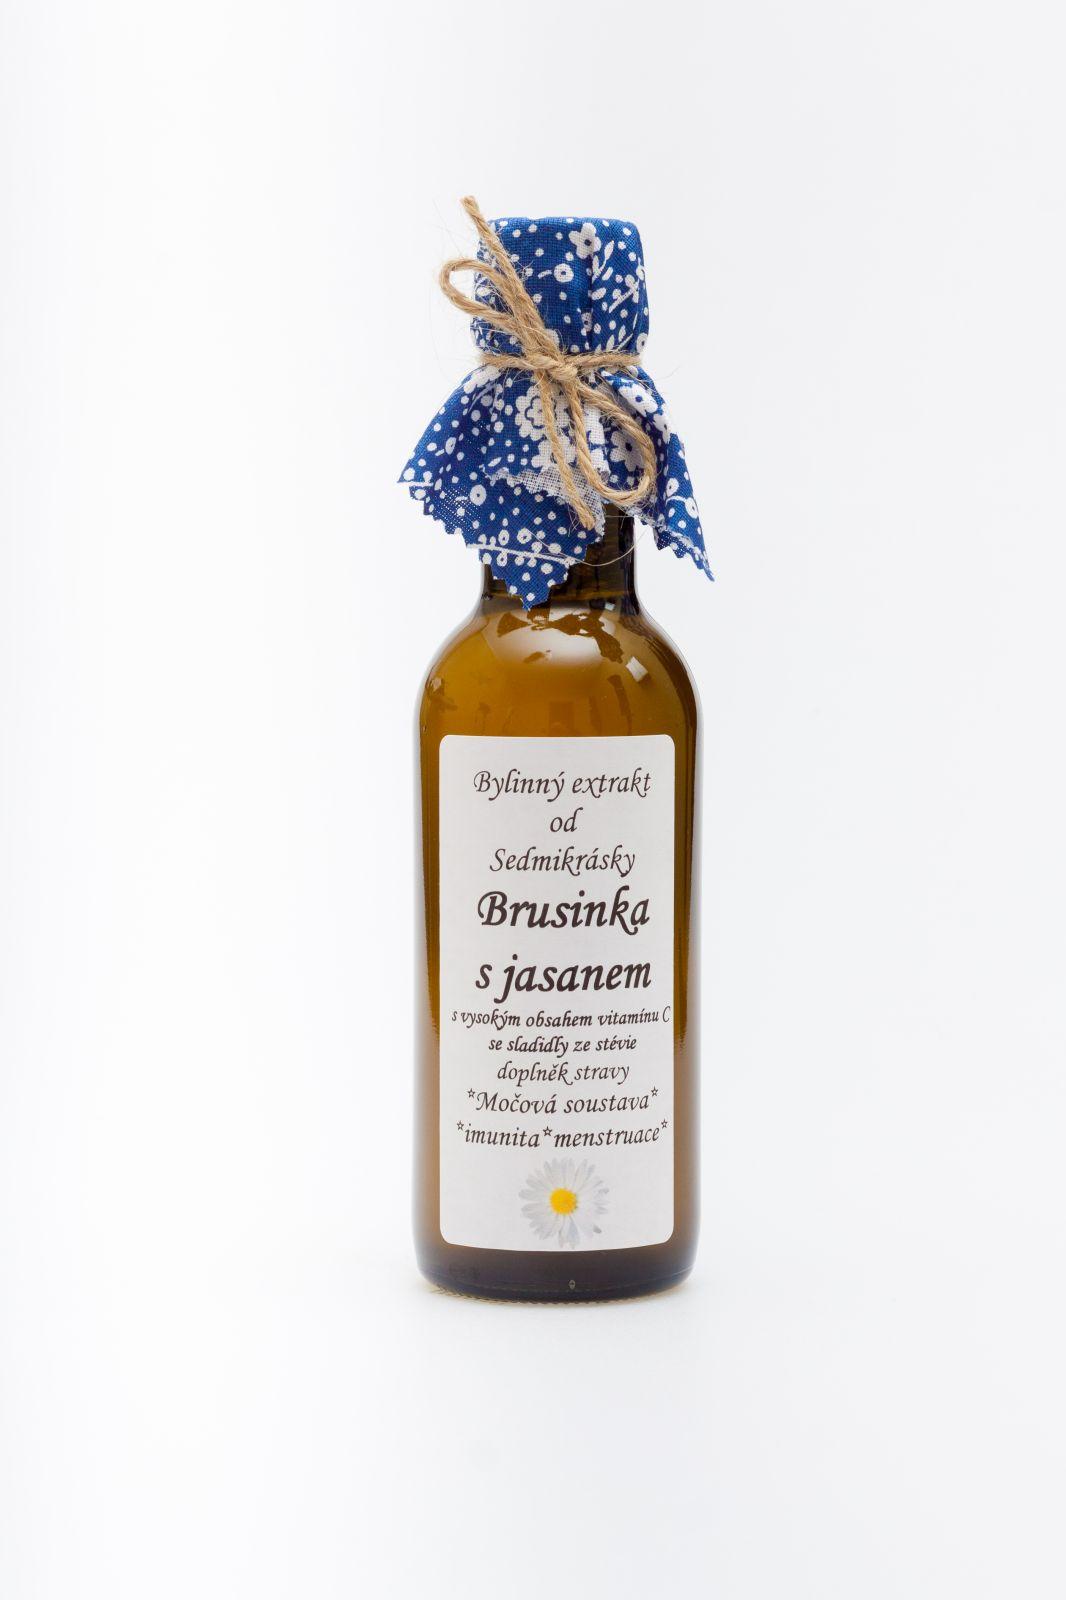 Sedmikráska bBylinný extrakt Brusinka s jasanem 250ml močová soustava, imunita, menstruace Rodinná farma Sedmikráska